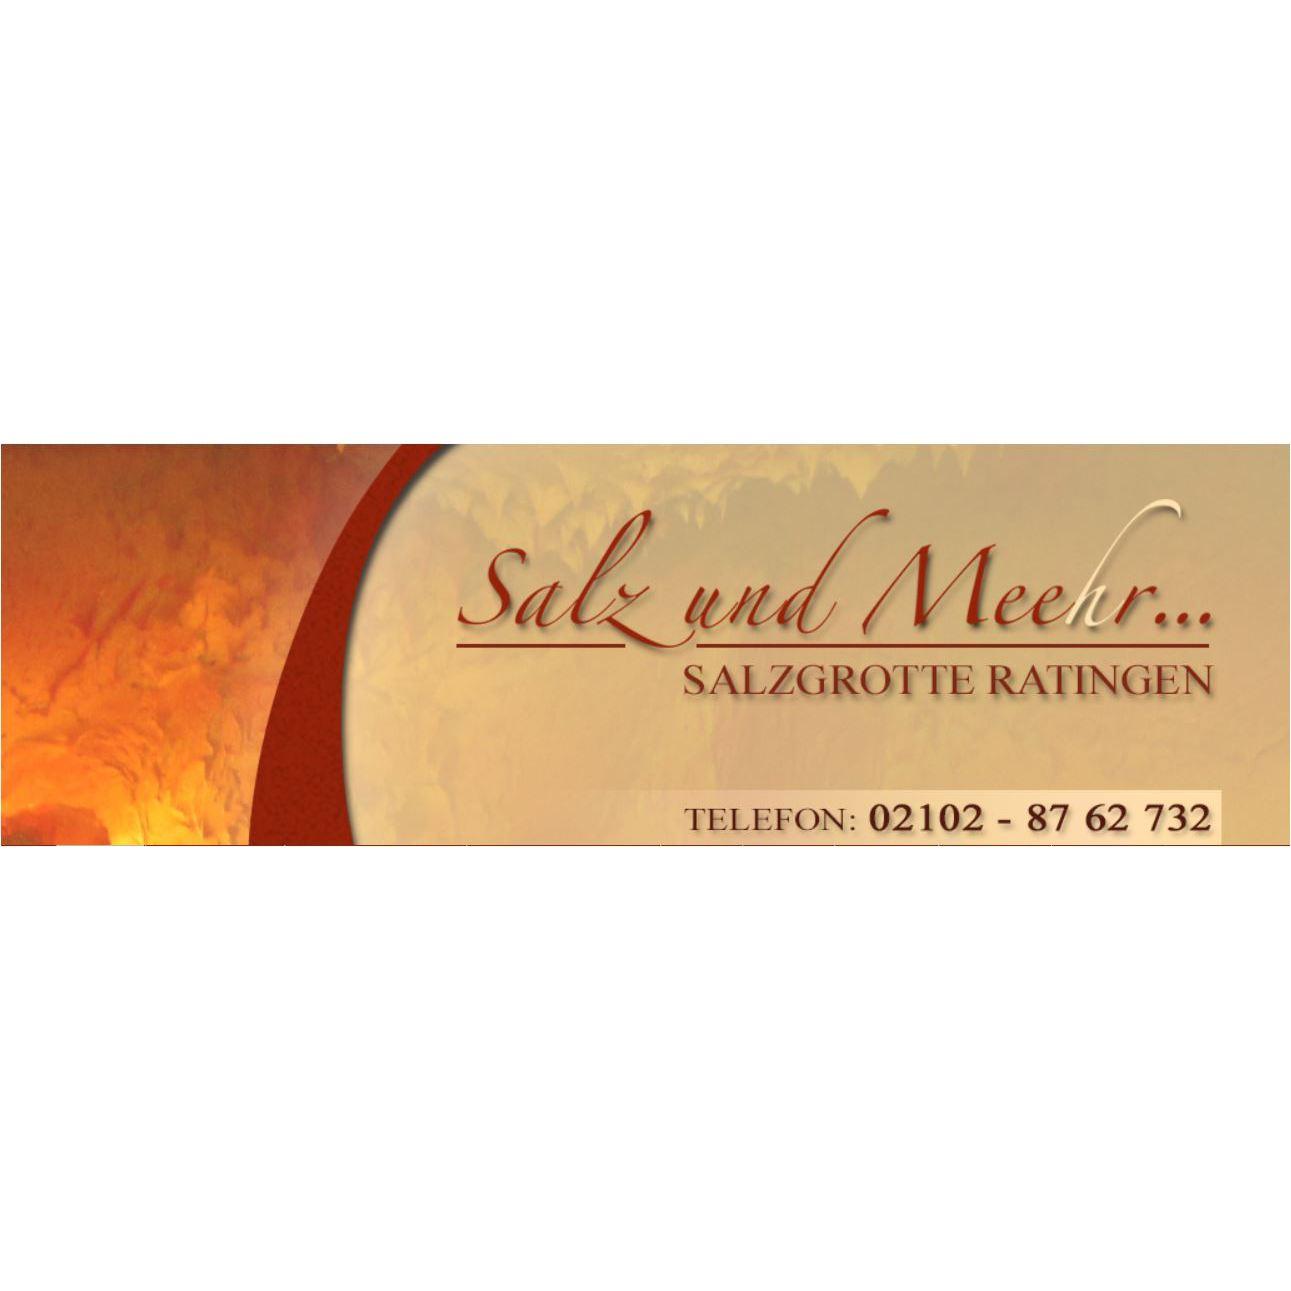 Bild zu Salzgrotte - Salz und Mee(h)r in Ratingen